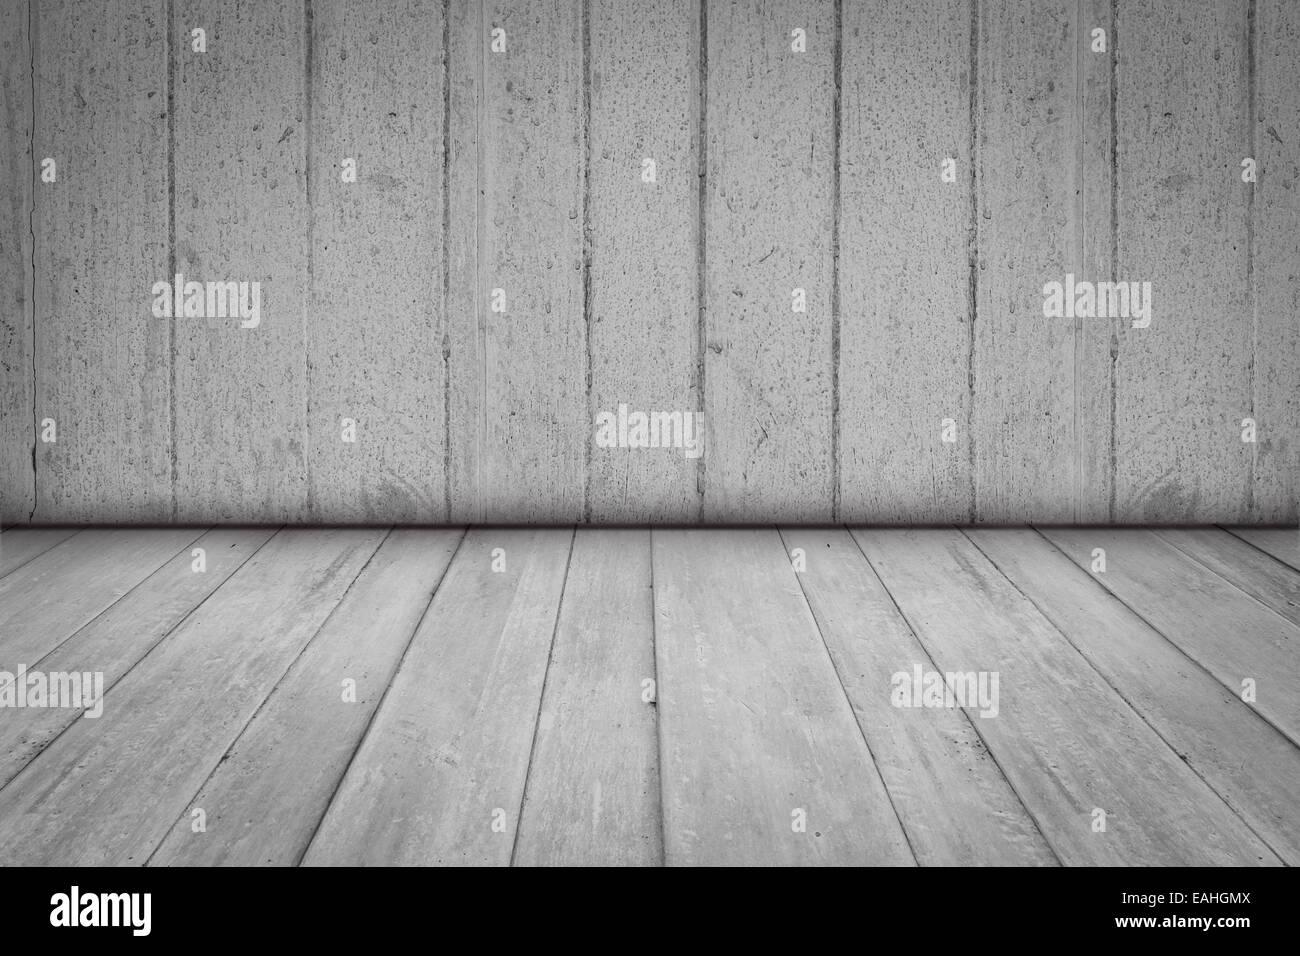 Prospettiva di legno sfondo per la sala interna con vignette foto